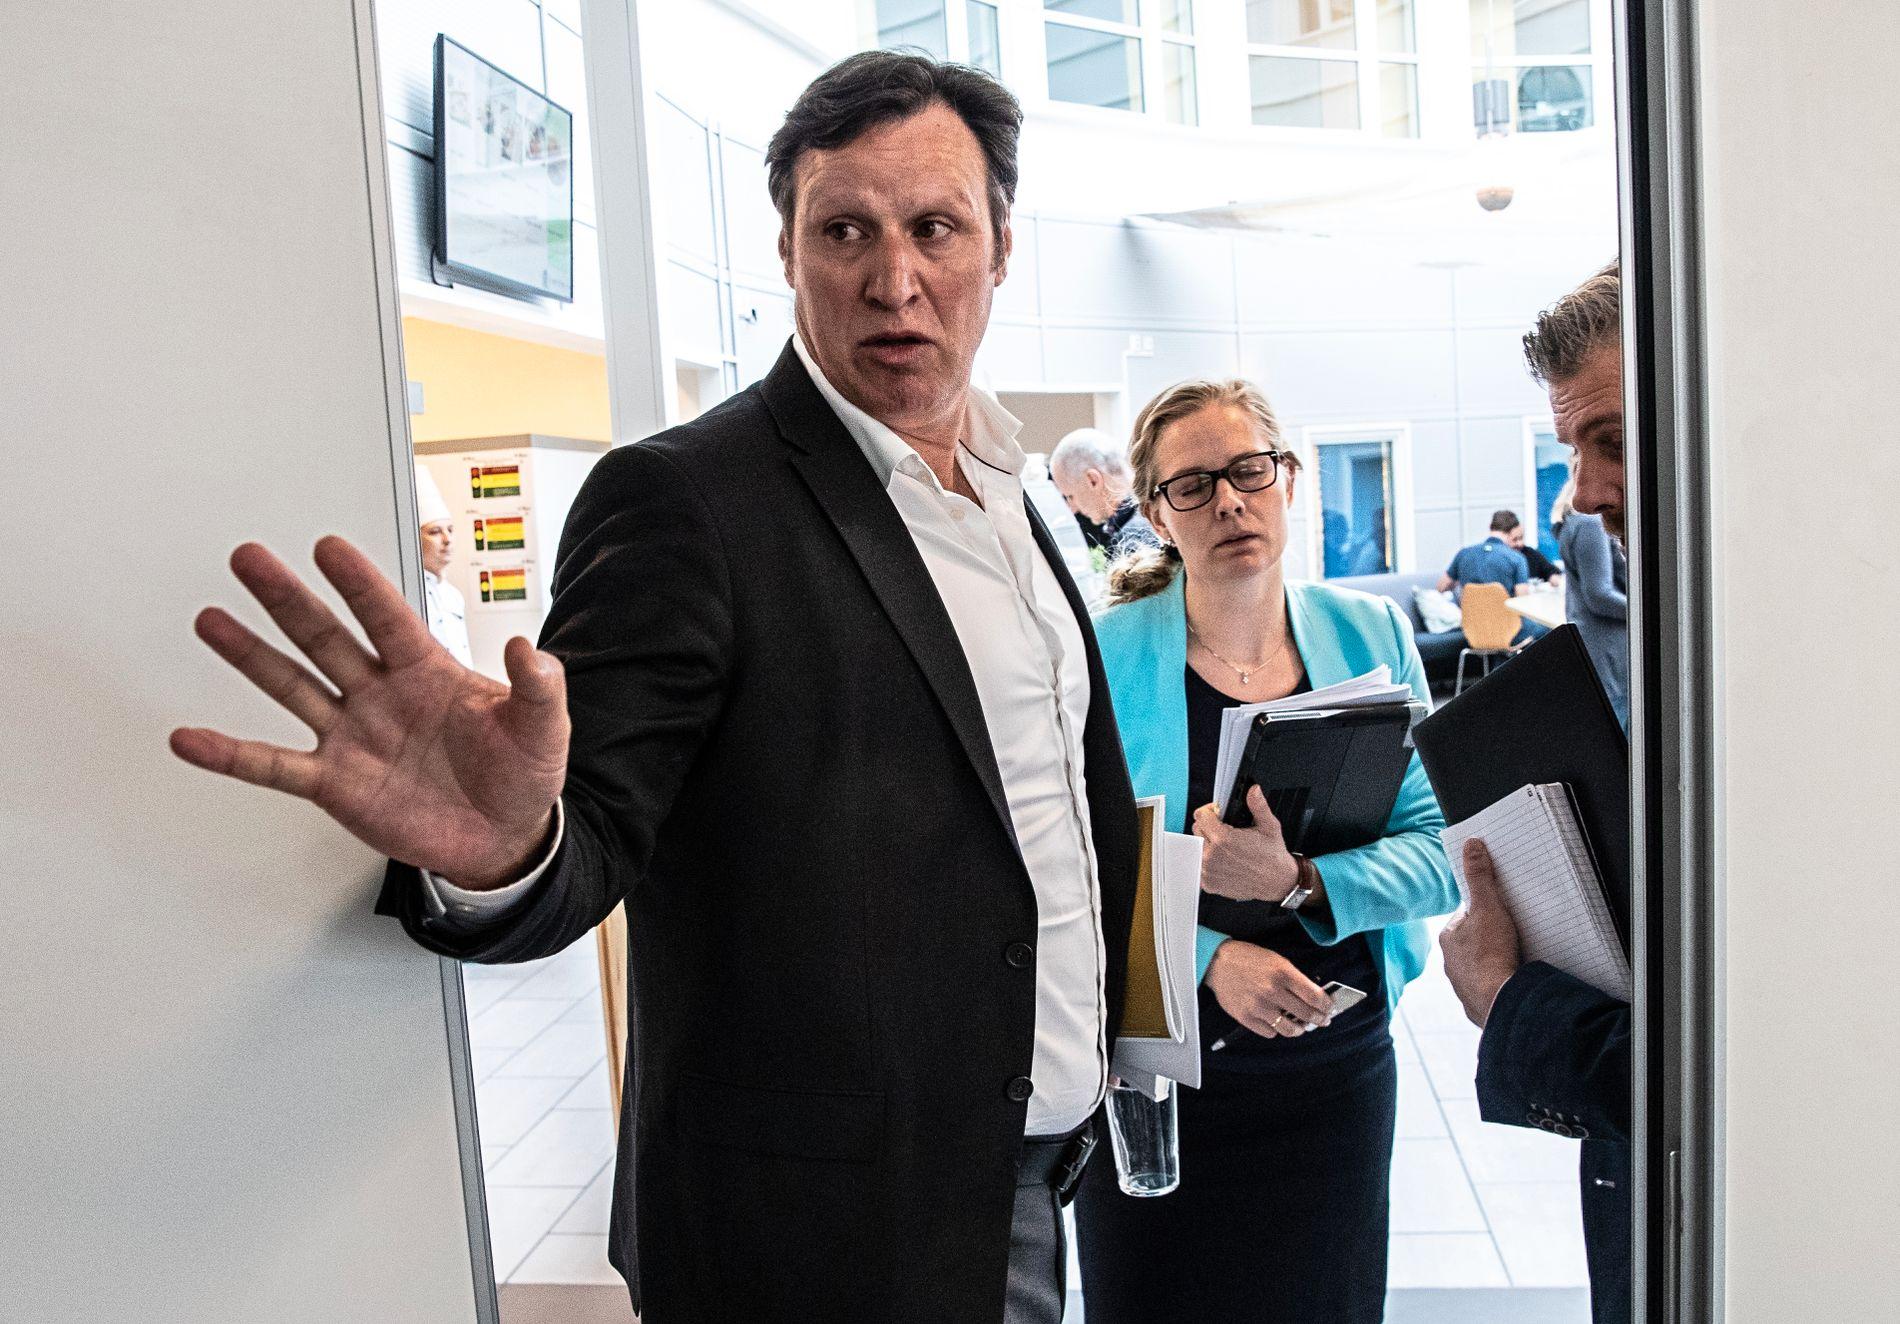 FÅR KRITIKK: Riksrevisjonen har kommet med sterk kritikk av Norges Idrettsforbunds bruk av spillemidler. Her er idrettspresident Tom Tvedt sammen med Stine Schultz Heireng, forvaltningsansvarlig i NIF.